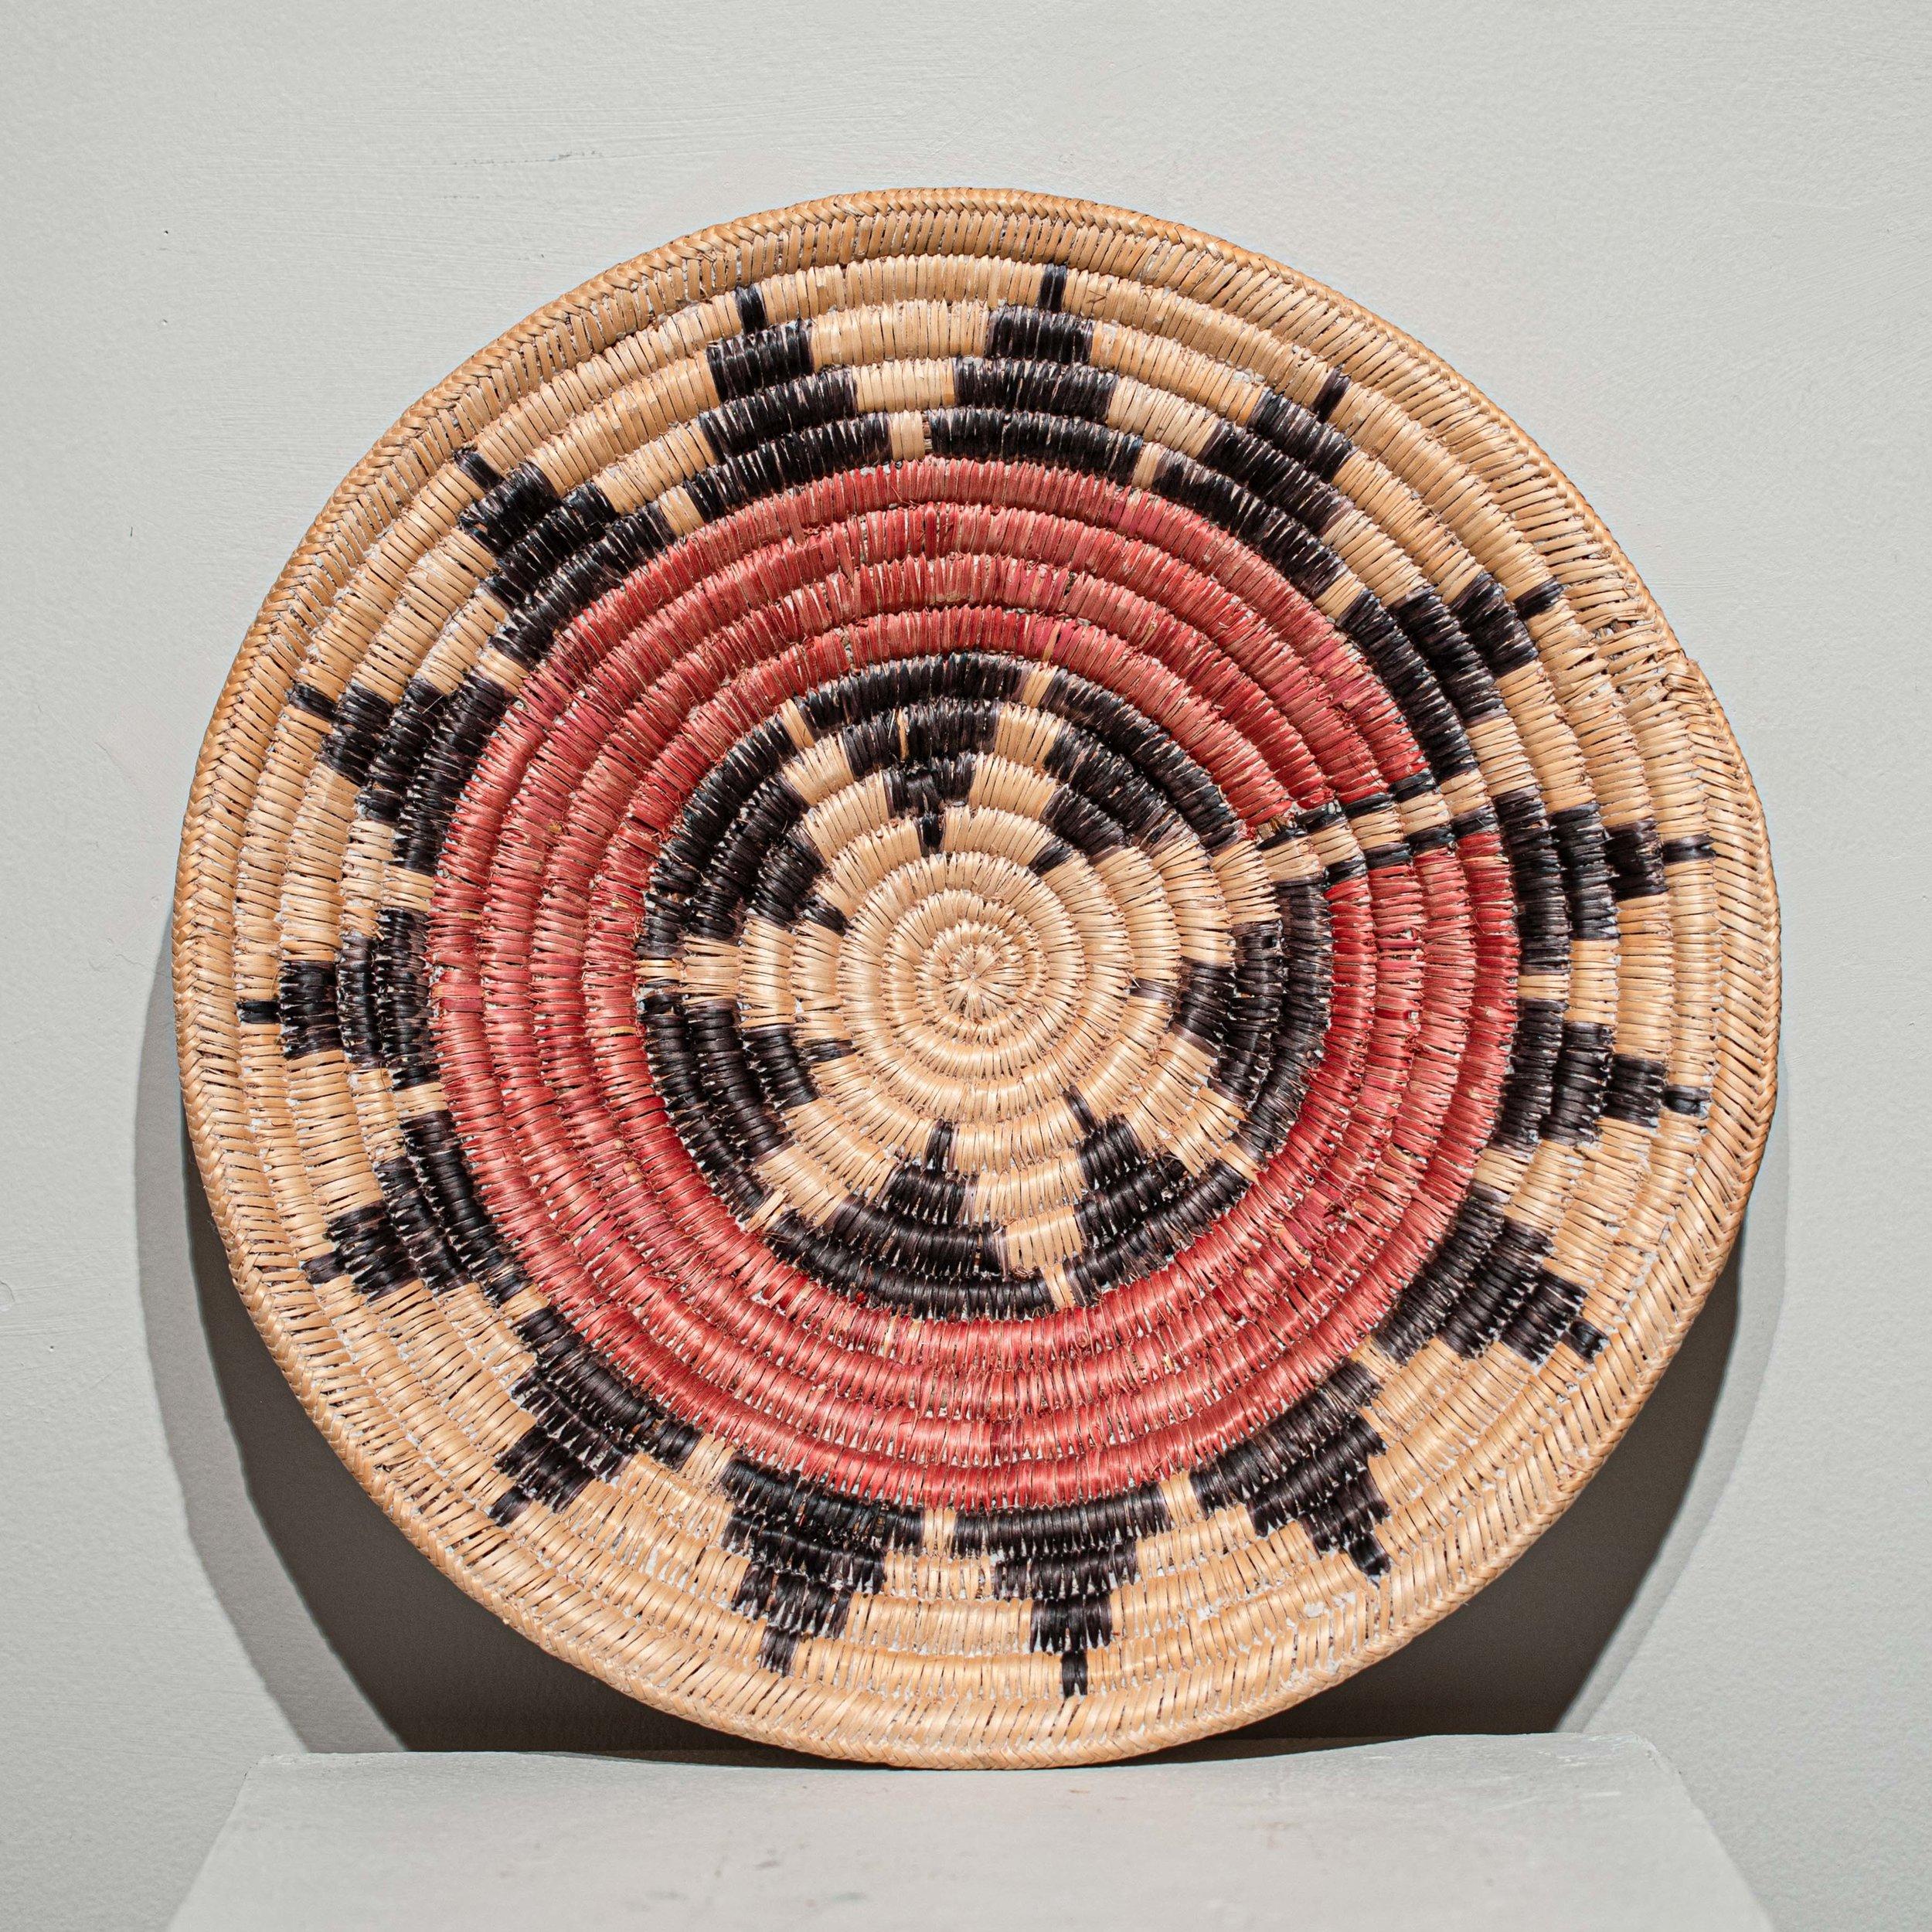 84. Hopi Wedding Basket